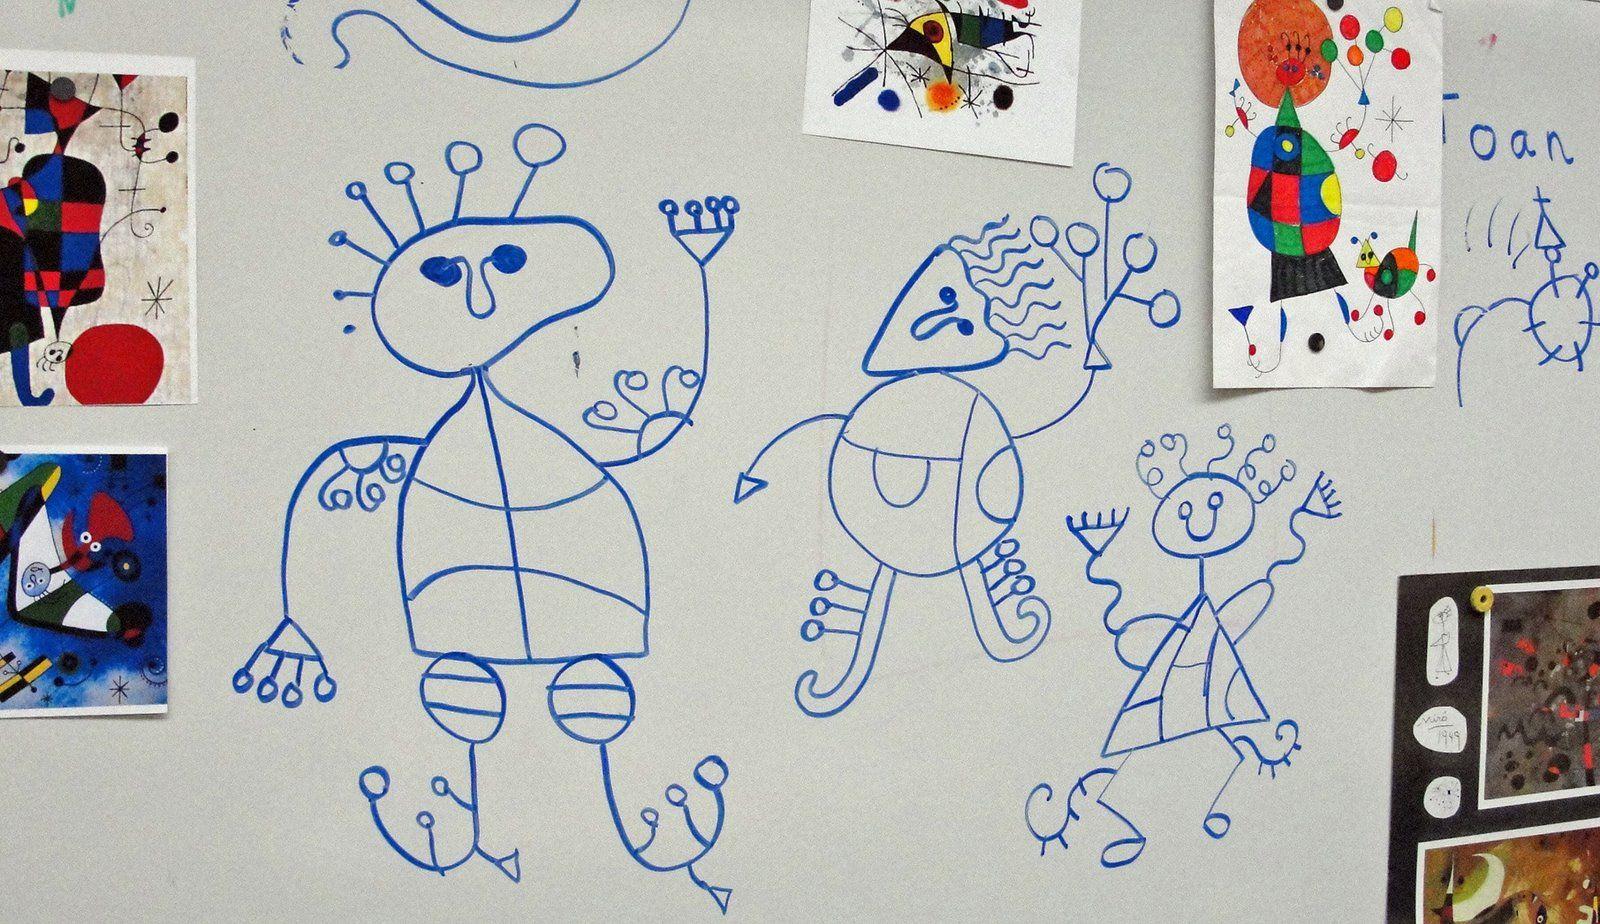 Joan Miro Art Project